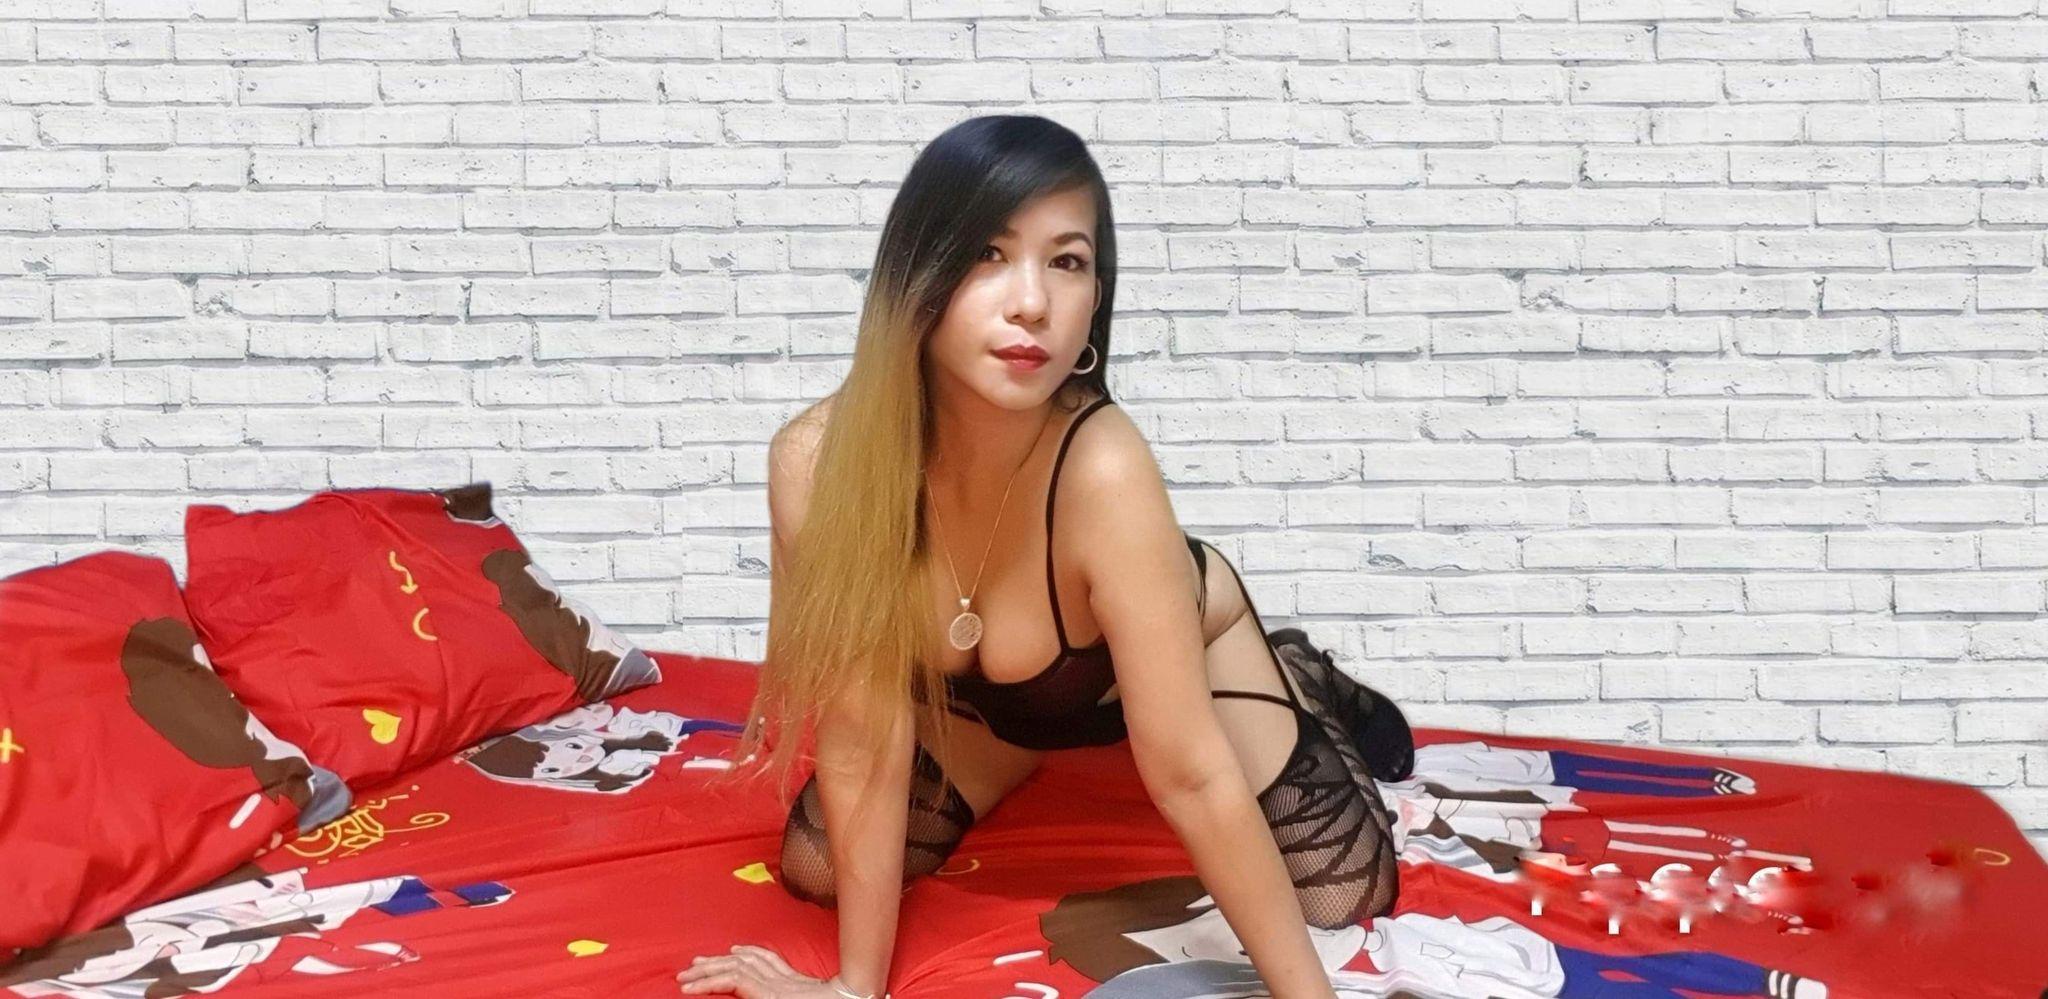 Asianleahxxx?s=fytn4rzvwzbcfs+sanvrimabzc8a7bnuapbbwwgtwdu=